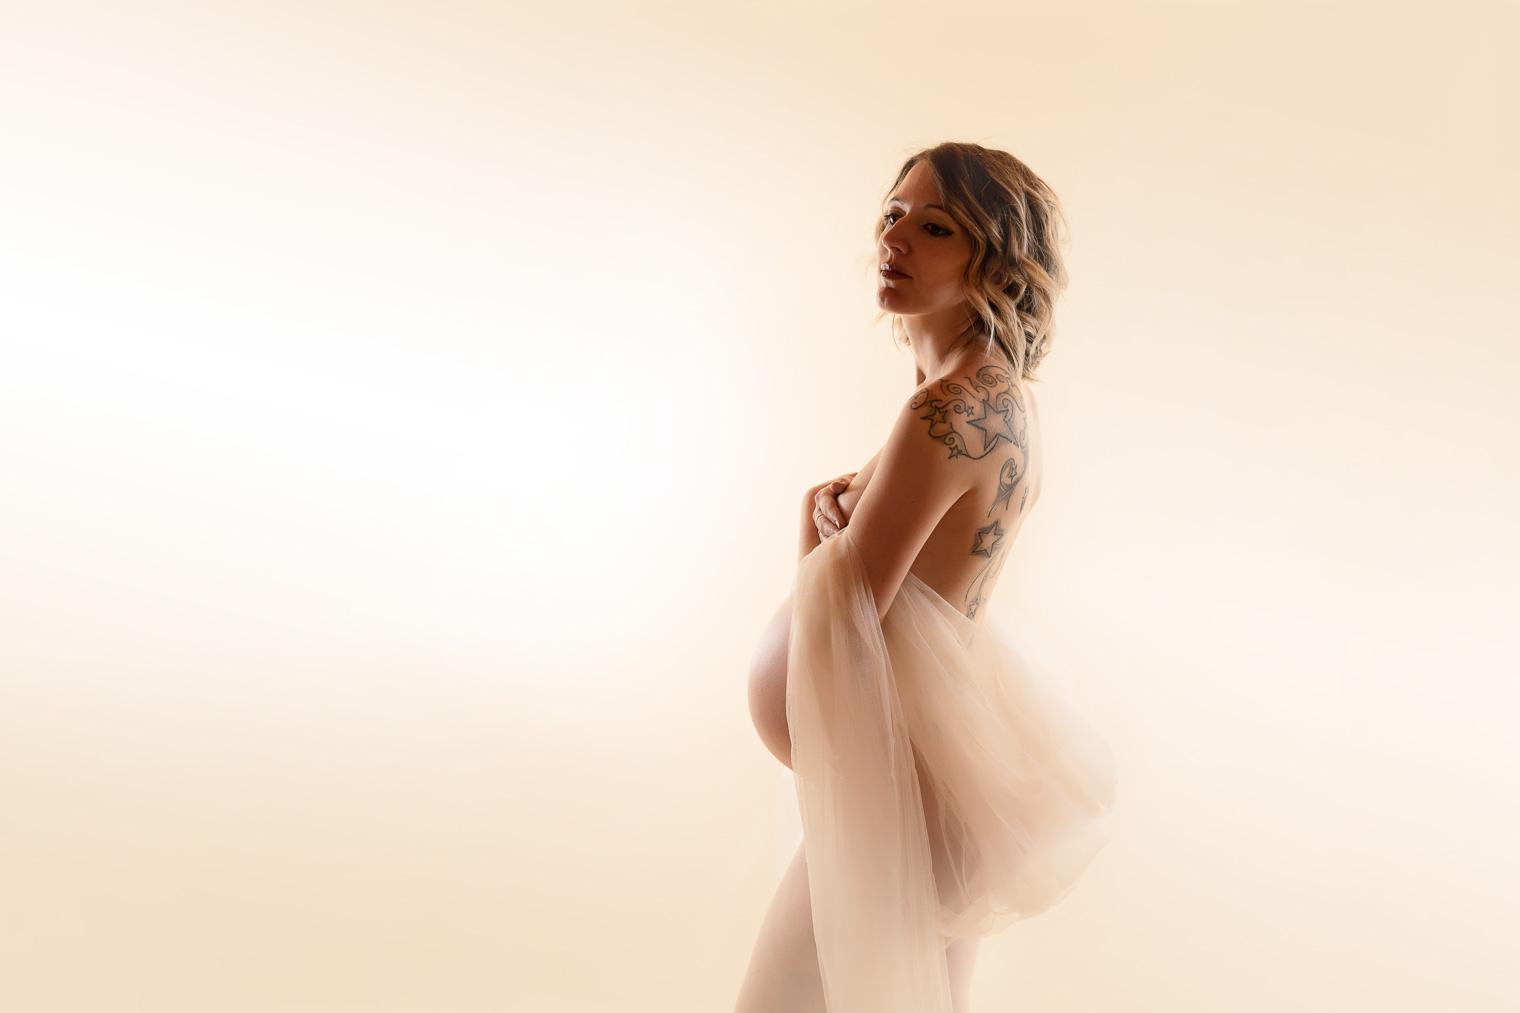 belinda lopez photo femme enceinte studio photographie famille grossesse nouveau-ne bebe enfant maternite photographe bourg-saint-maurice savoie belindalopez.fr--16